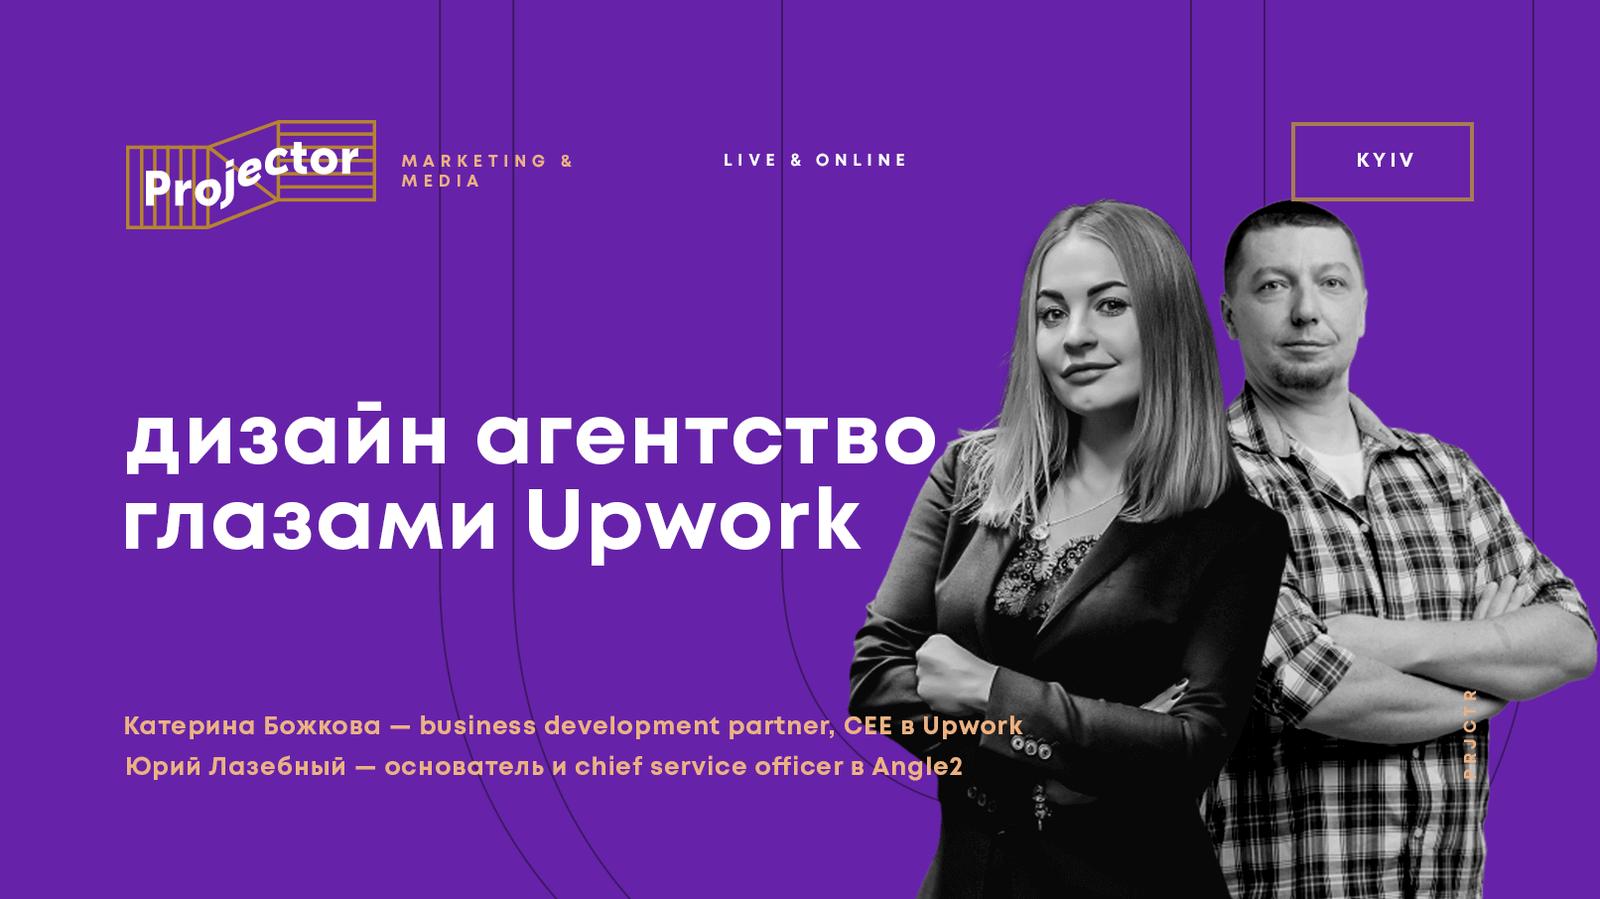 «Дизайн агентство глазами Upwork»